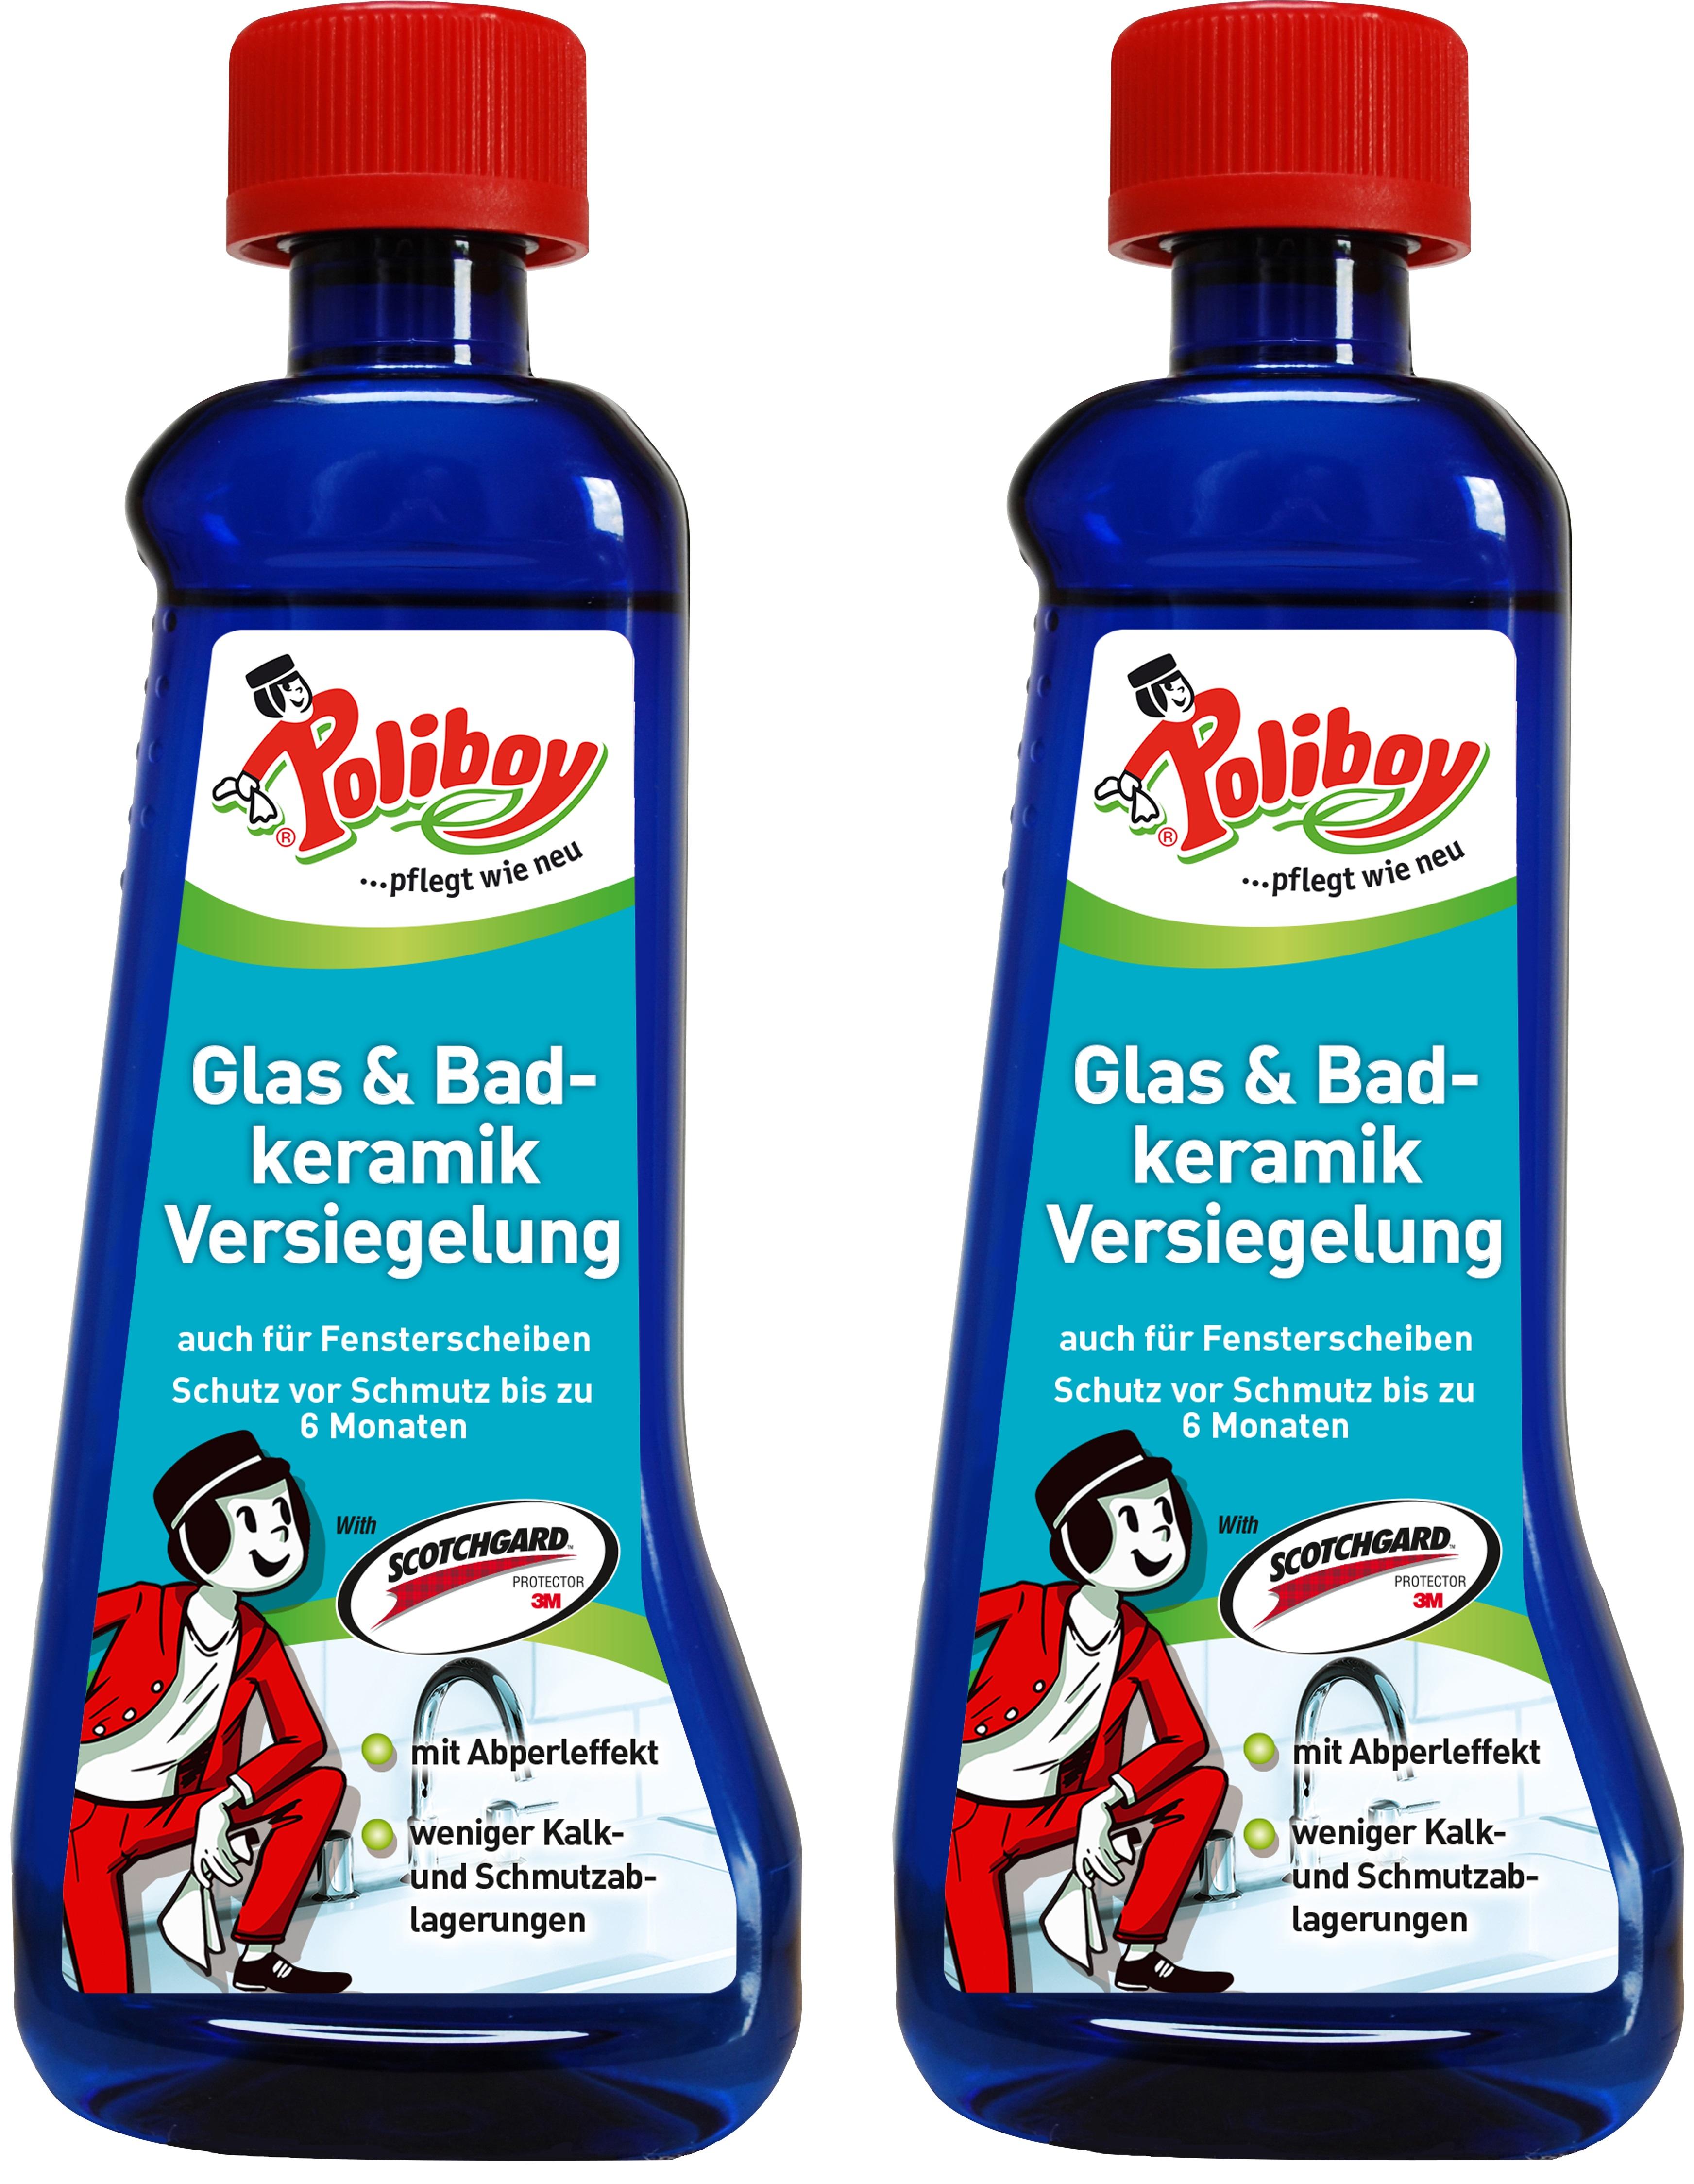 Poliboy Glas - und Badkeramik Versiegelung 2x200 ml - Kein Halt für Schmutz - Oberflächen imprägnieren